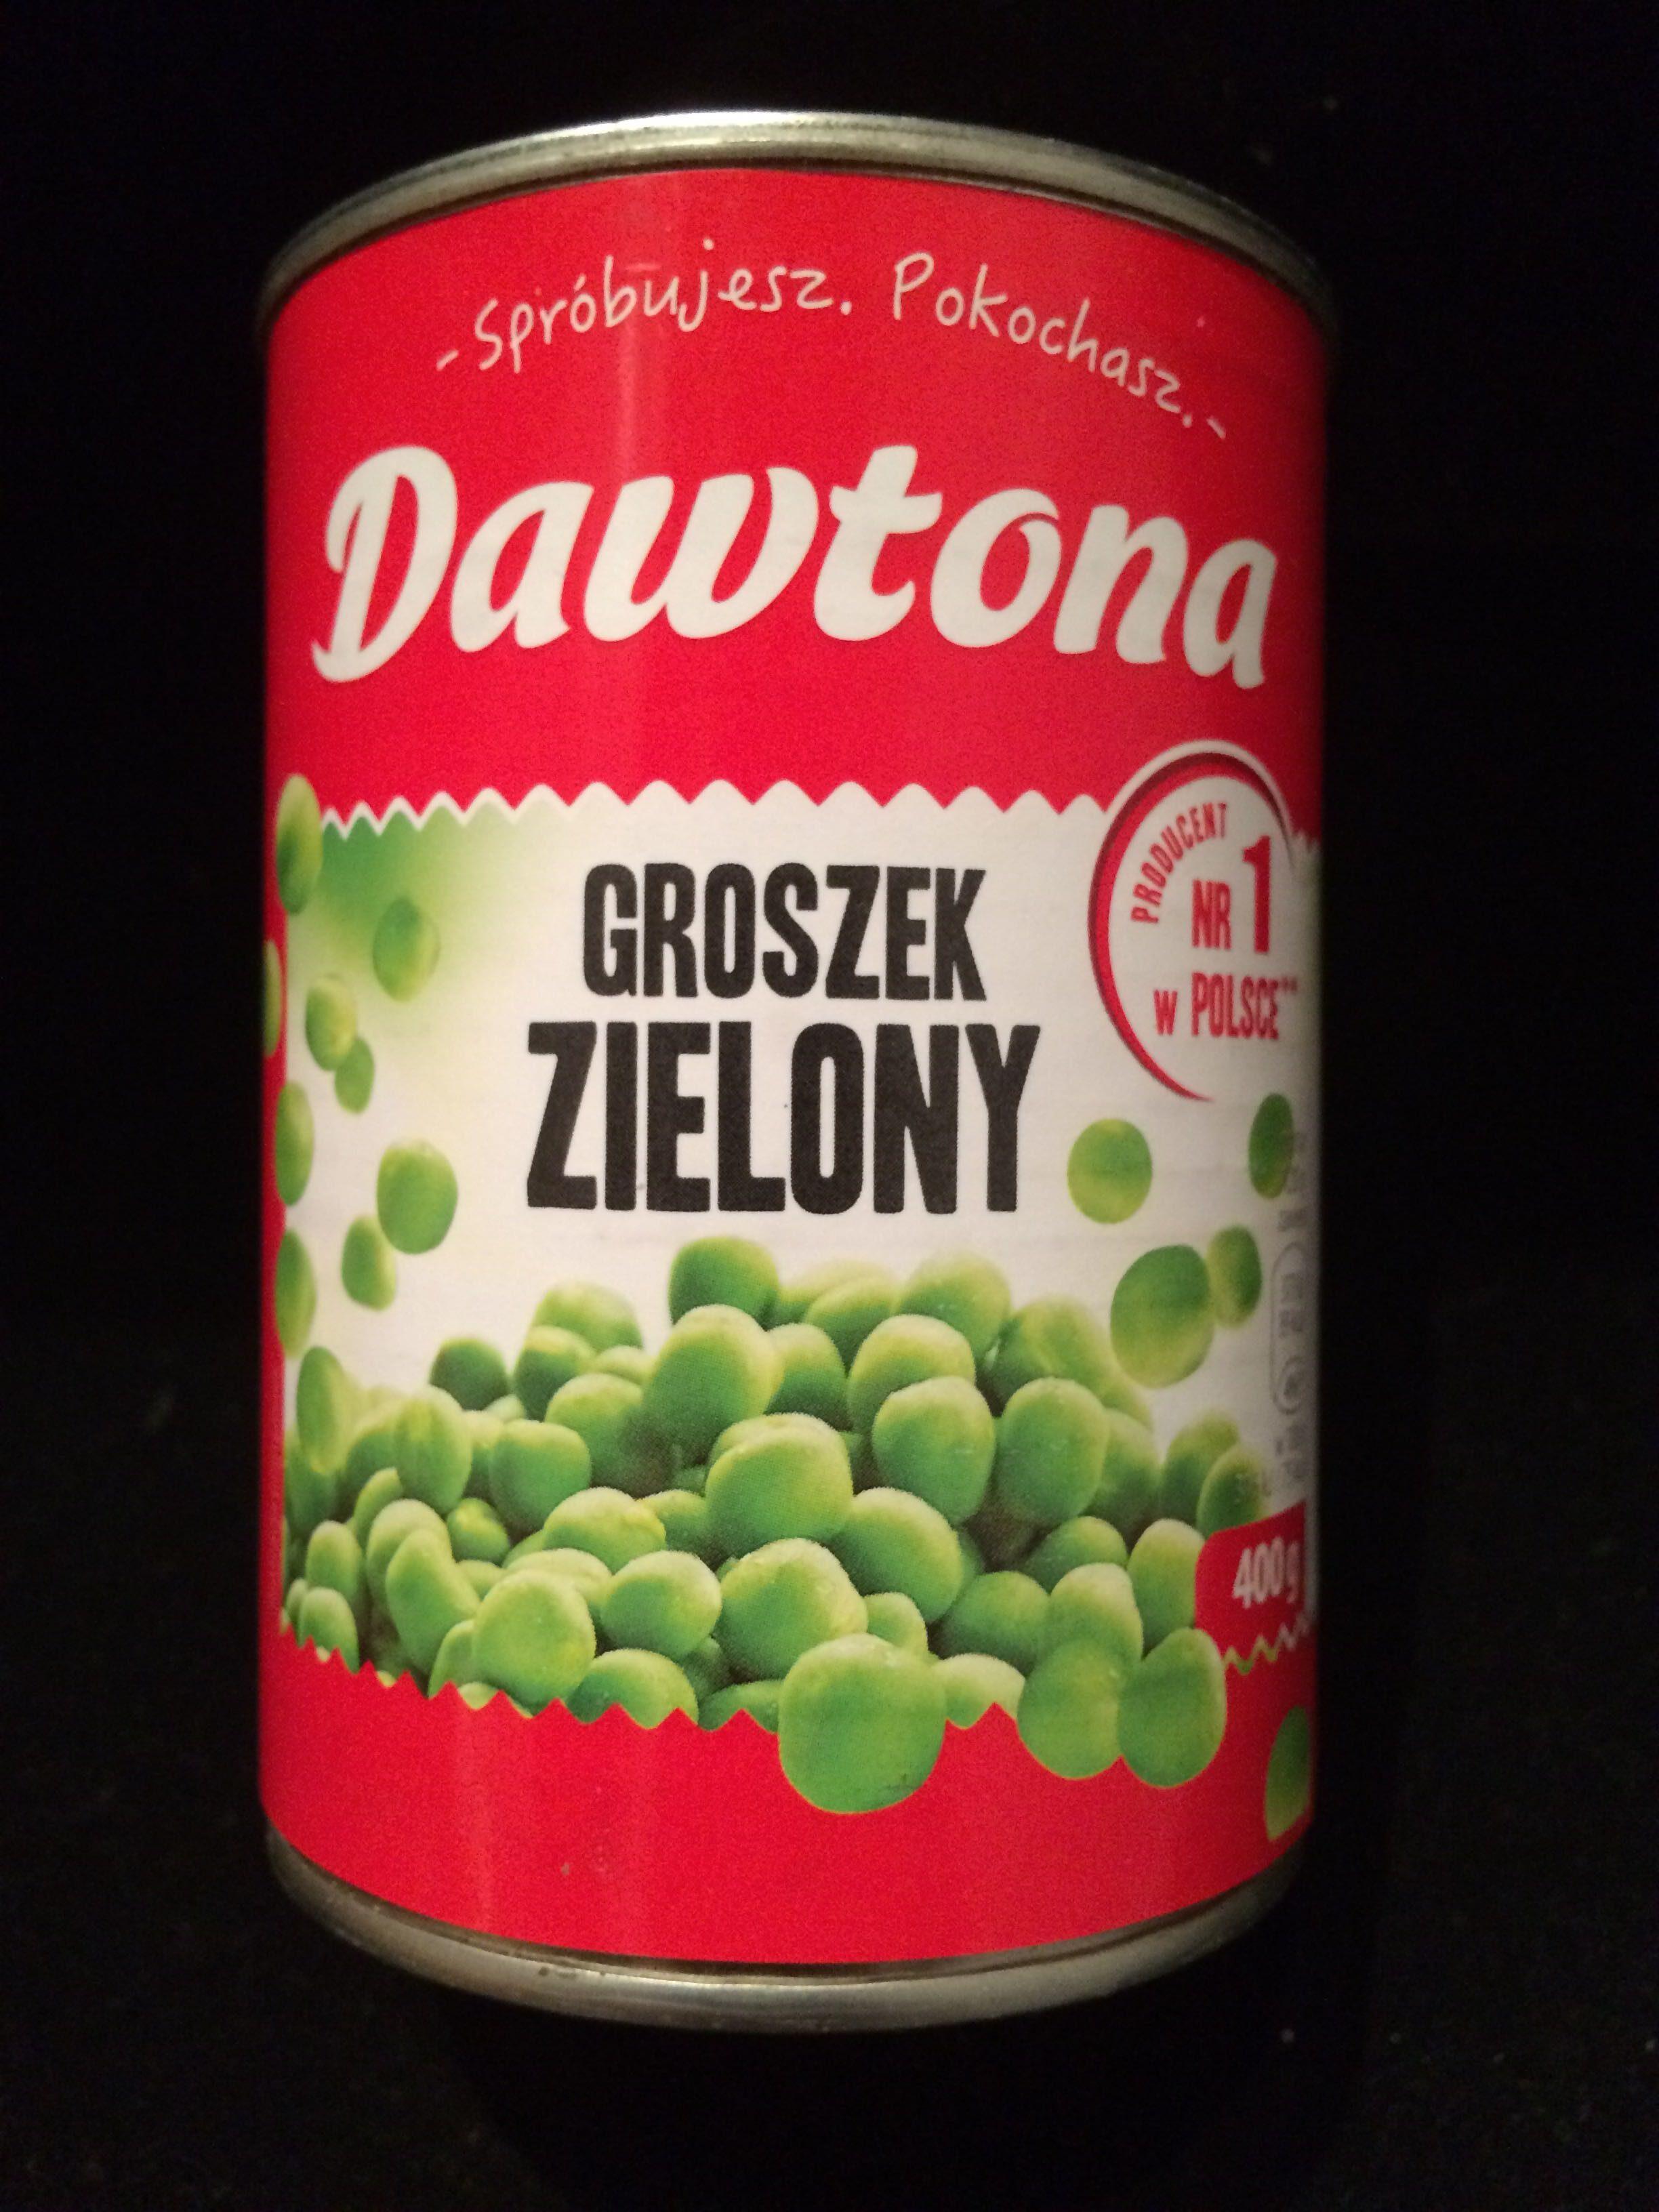 Groszek zielony konserwowy - Produkt